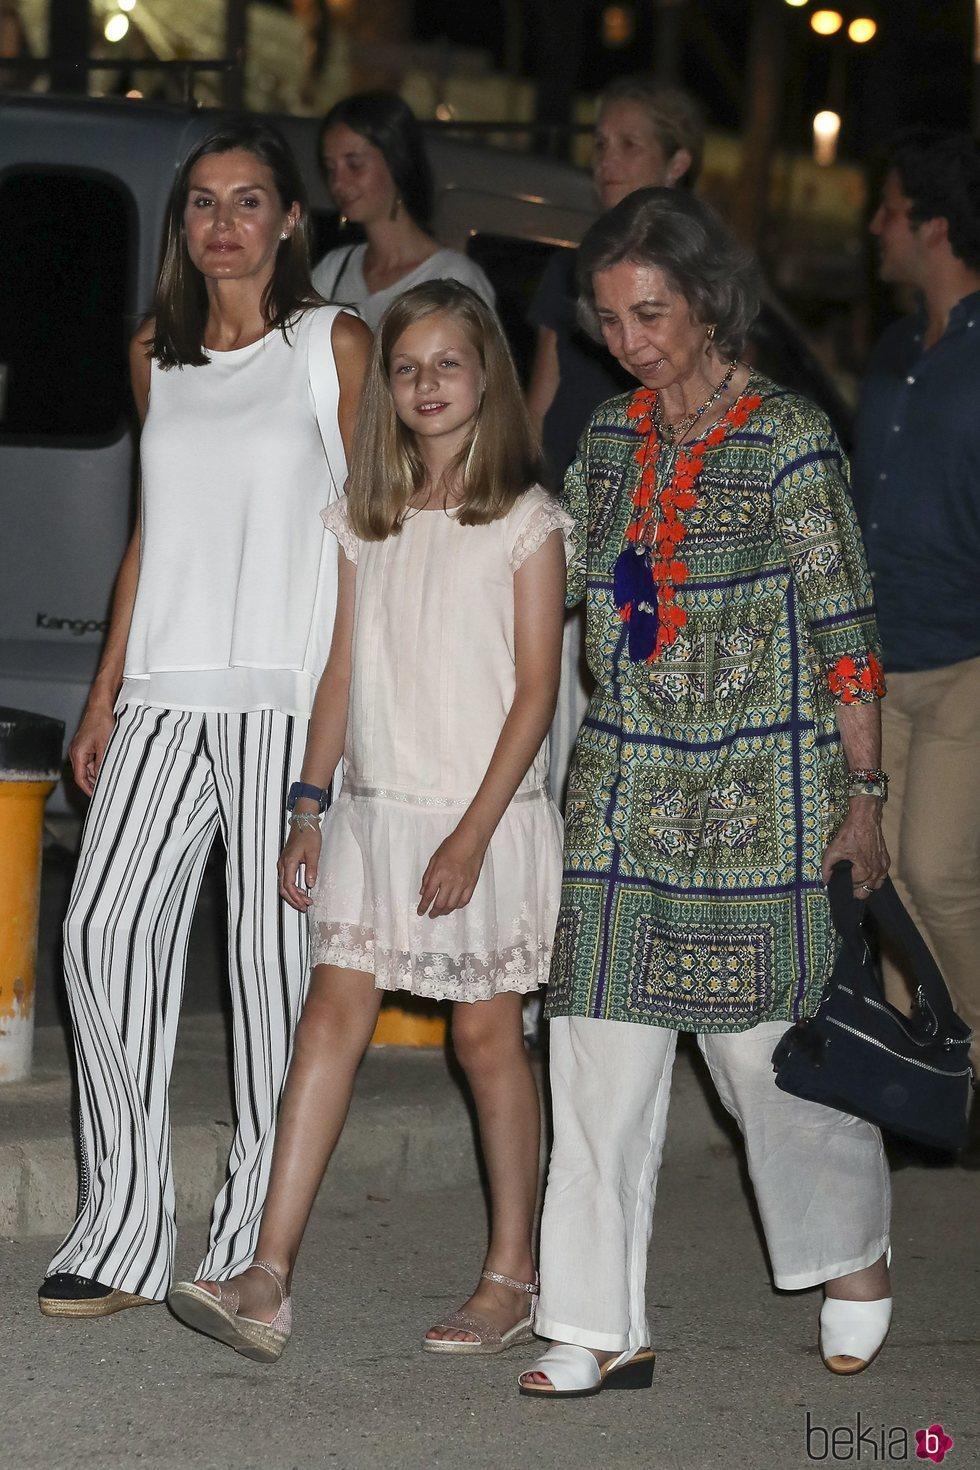 La Reina Sofía, la Princesa Leonor y la Reina Letizia en la cena por el final de la Copa del Rey de Vela 2018